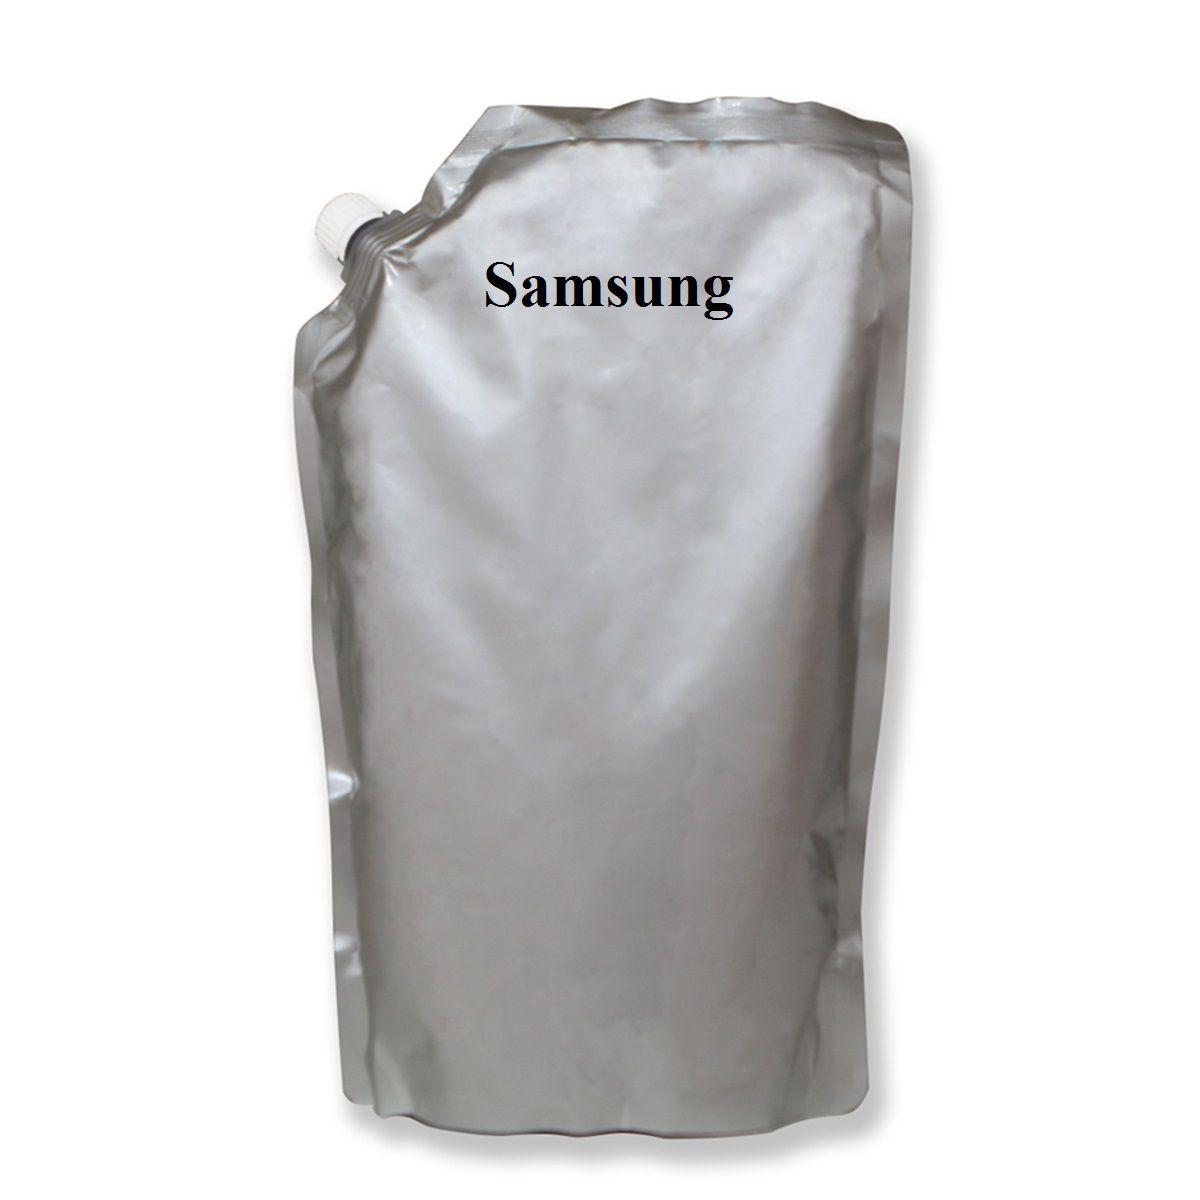 Refil Toner Pó 1Kg Jady Compatível com impressoras ML1710 Scx 3200 4100 4016 Scx4200 4200 4216 da Samsung